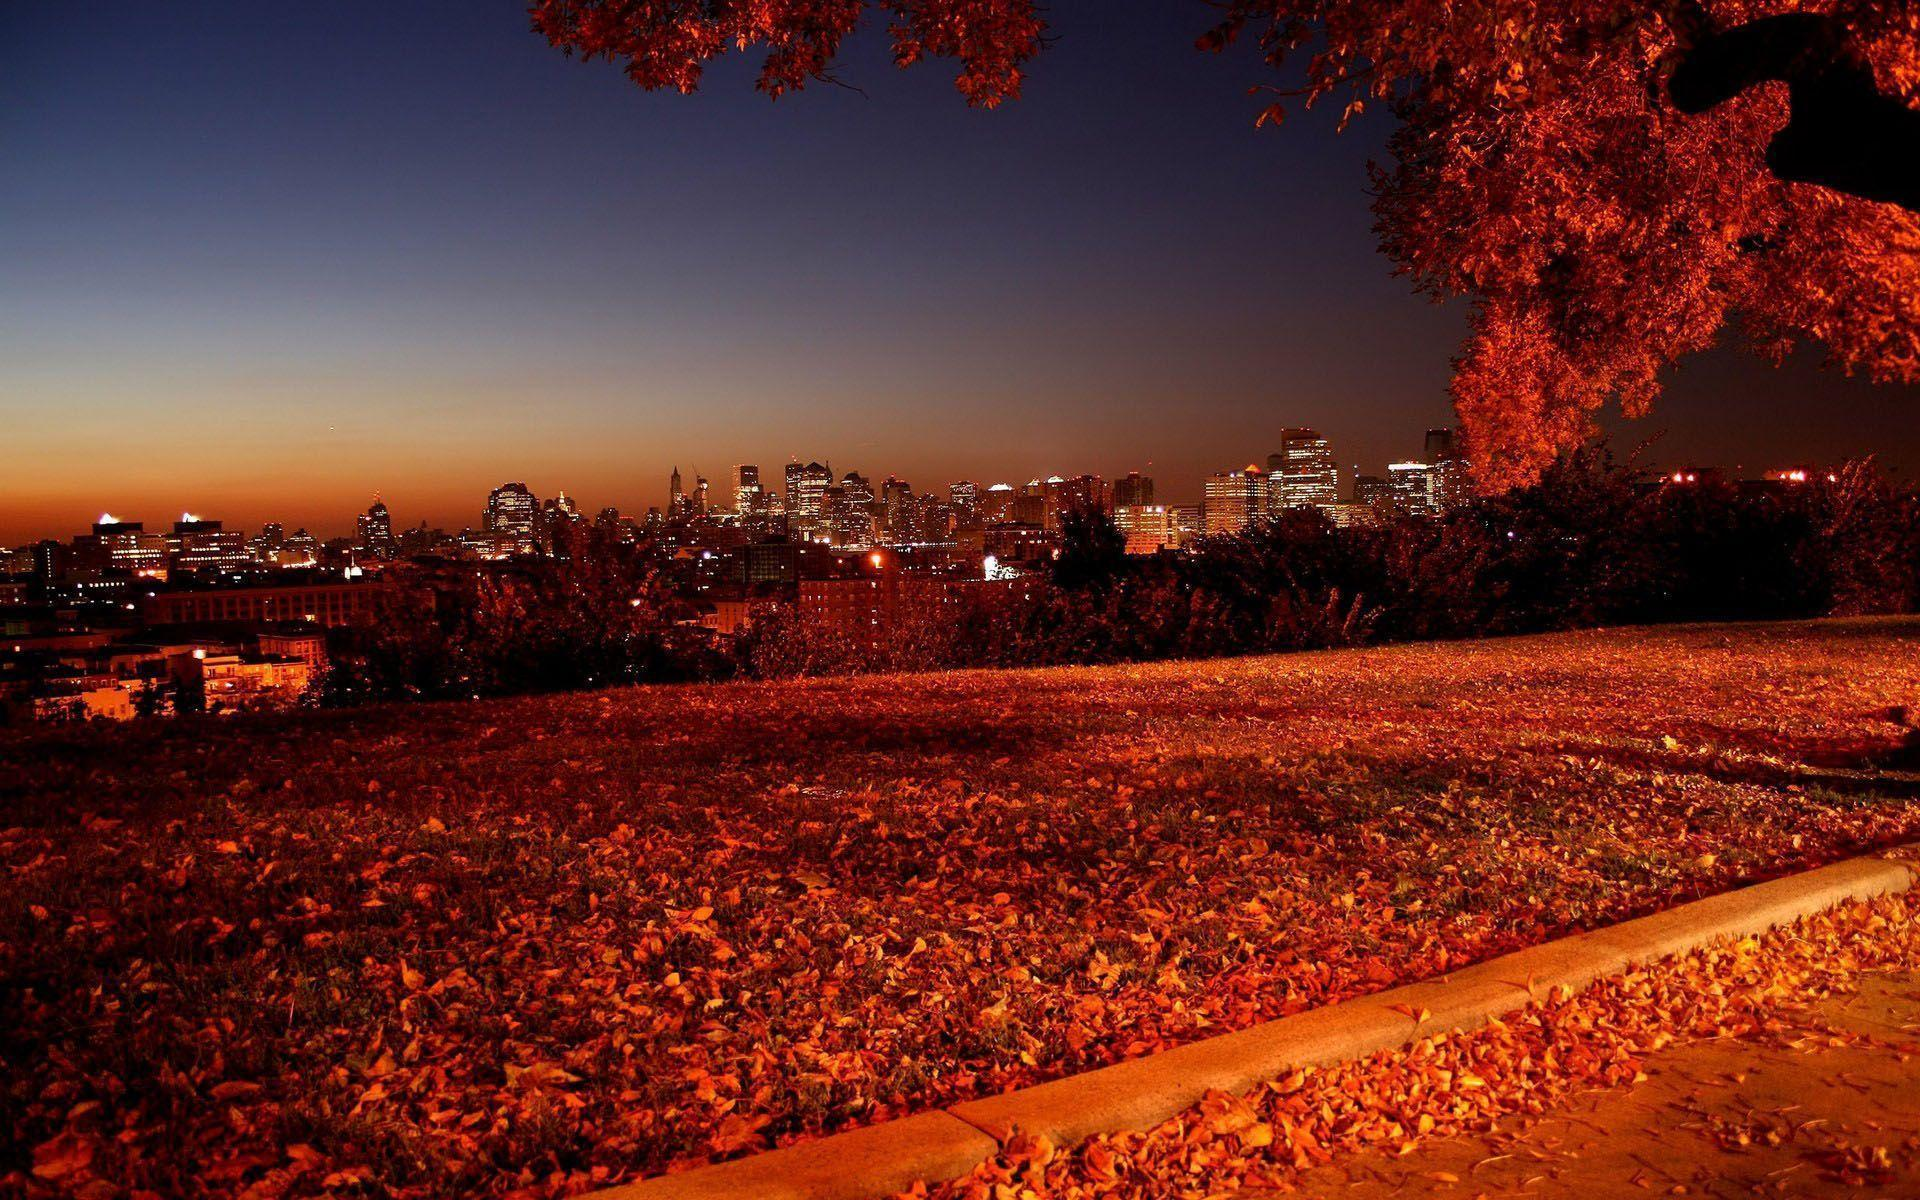 autumn wallpaper 007 free - photo #46